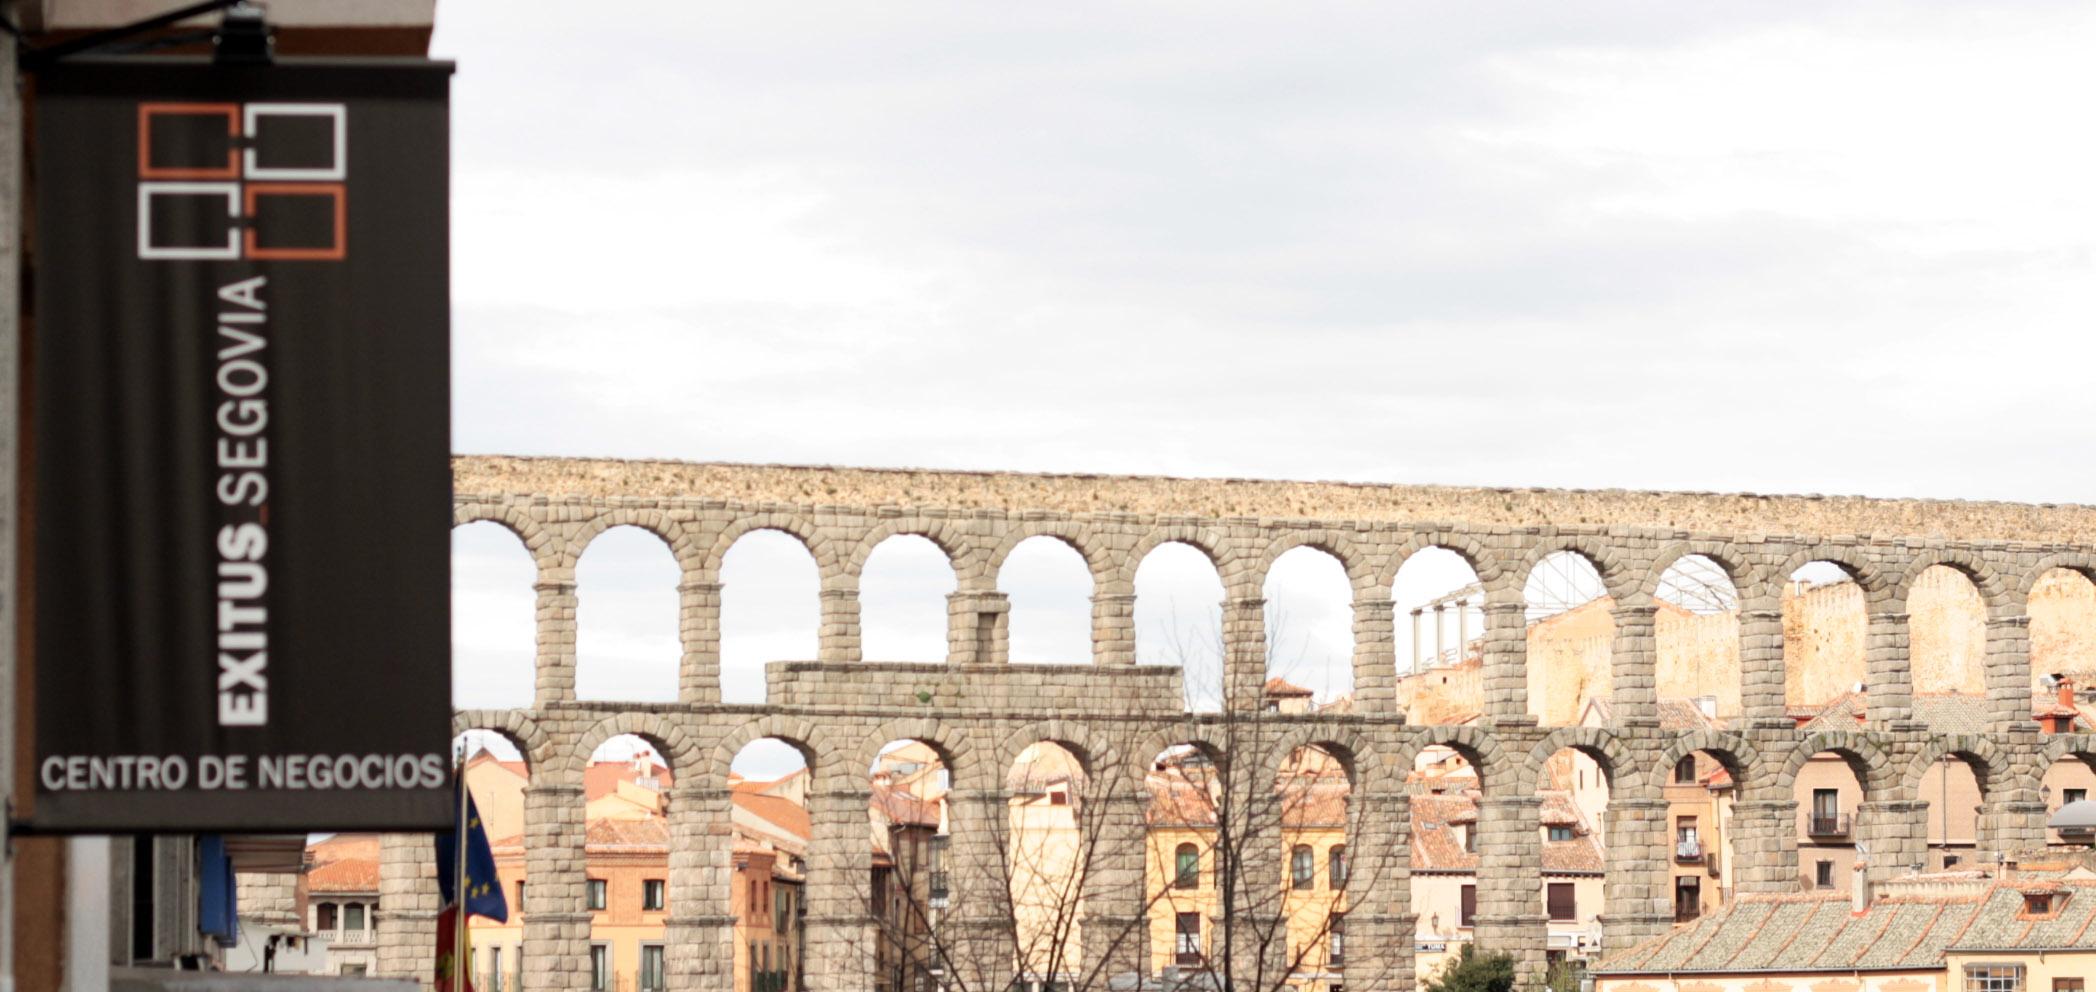 Acueducto desde centro de negocios Exitus Segovia, localización de escuela habla. http://exitussegovia.com/